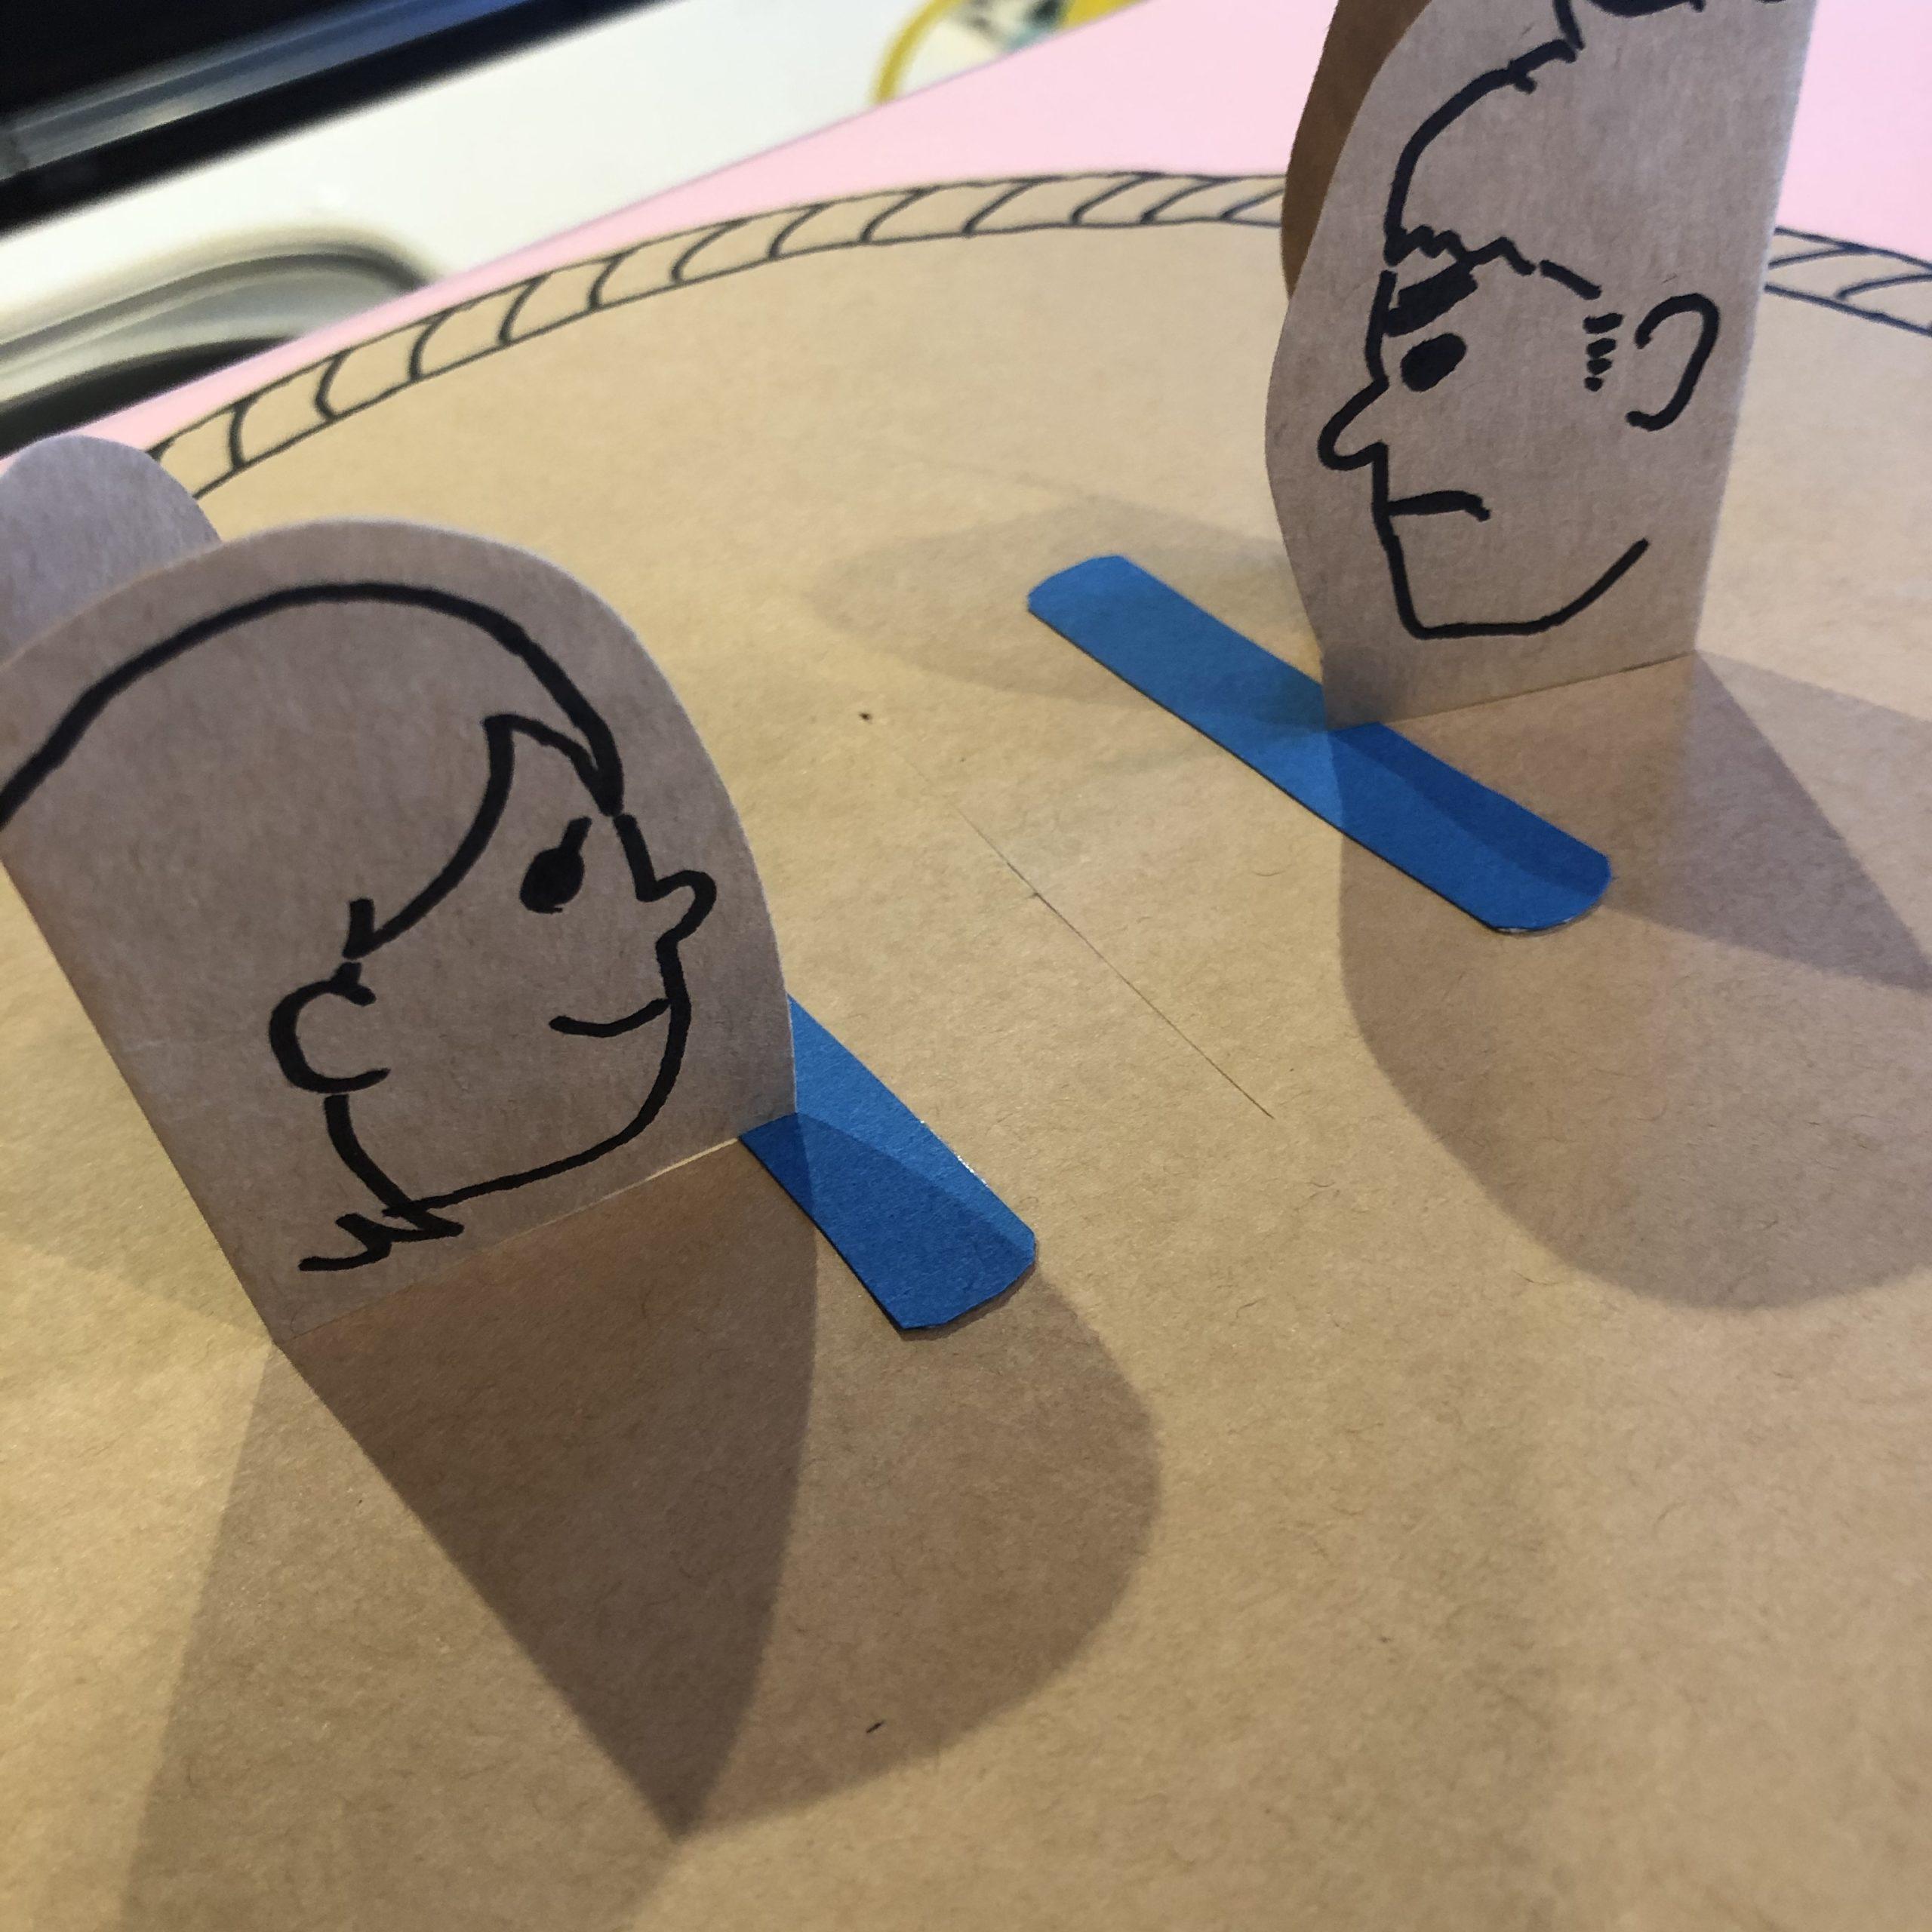 紙相撲アイデア、顔力士